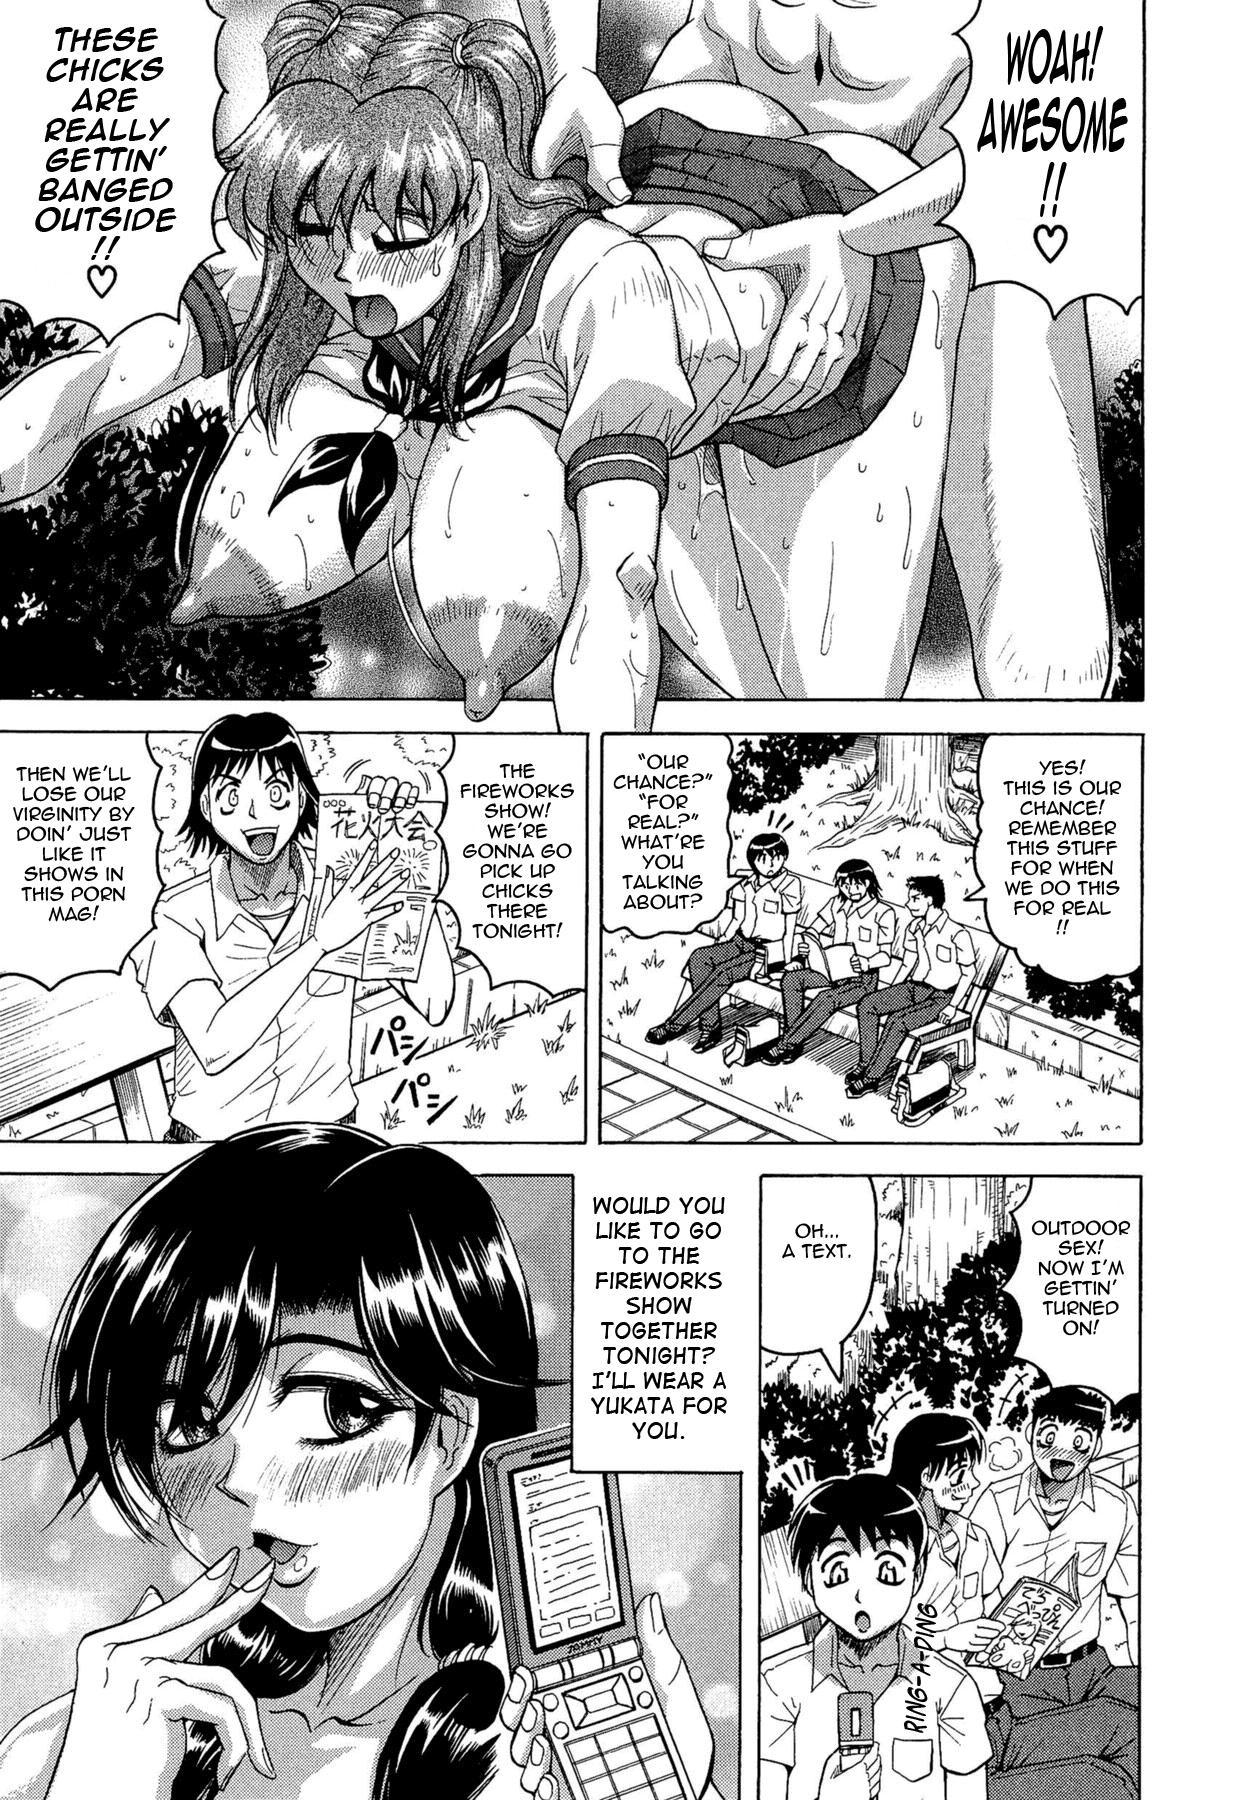 [Jamming] Koibito ha Tonari no Oneesan (Hatsujyouki) | My Lover is the Girl Next Door [English] {Tadanohito} 40